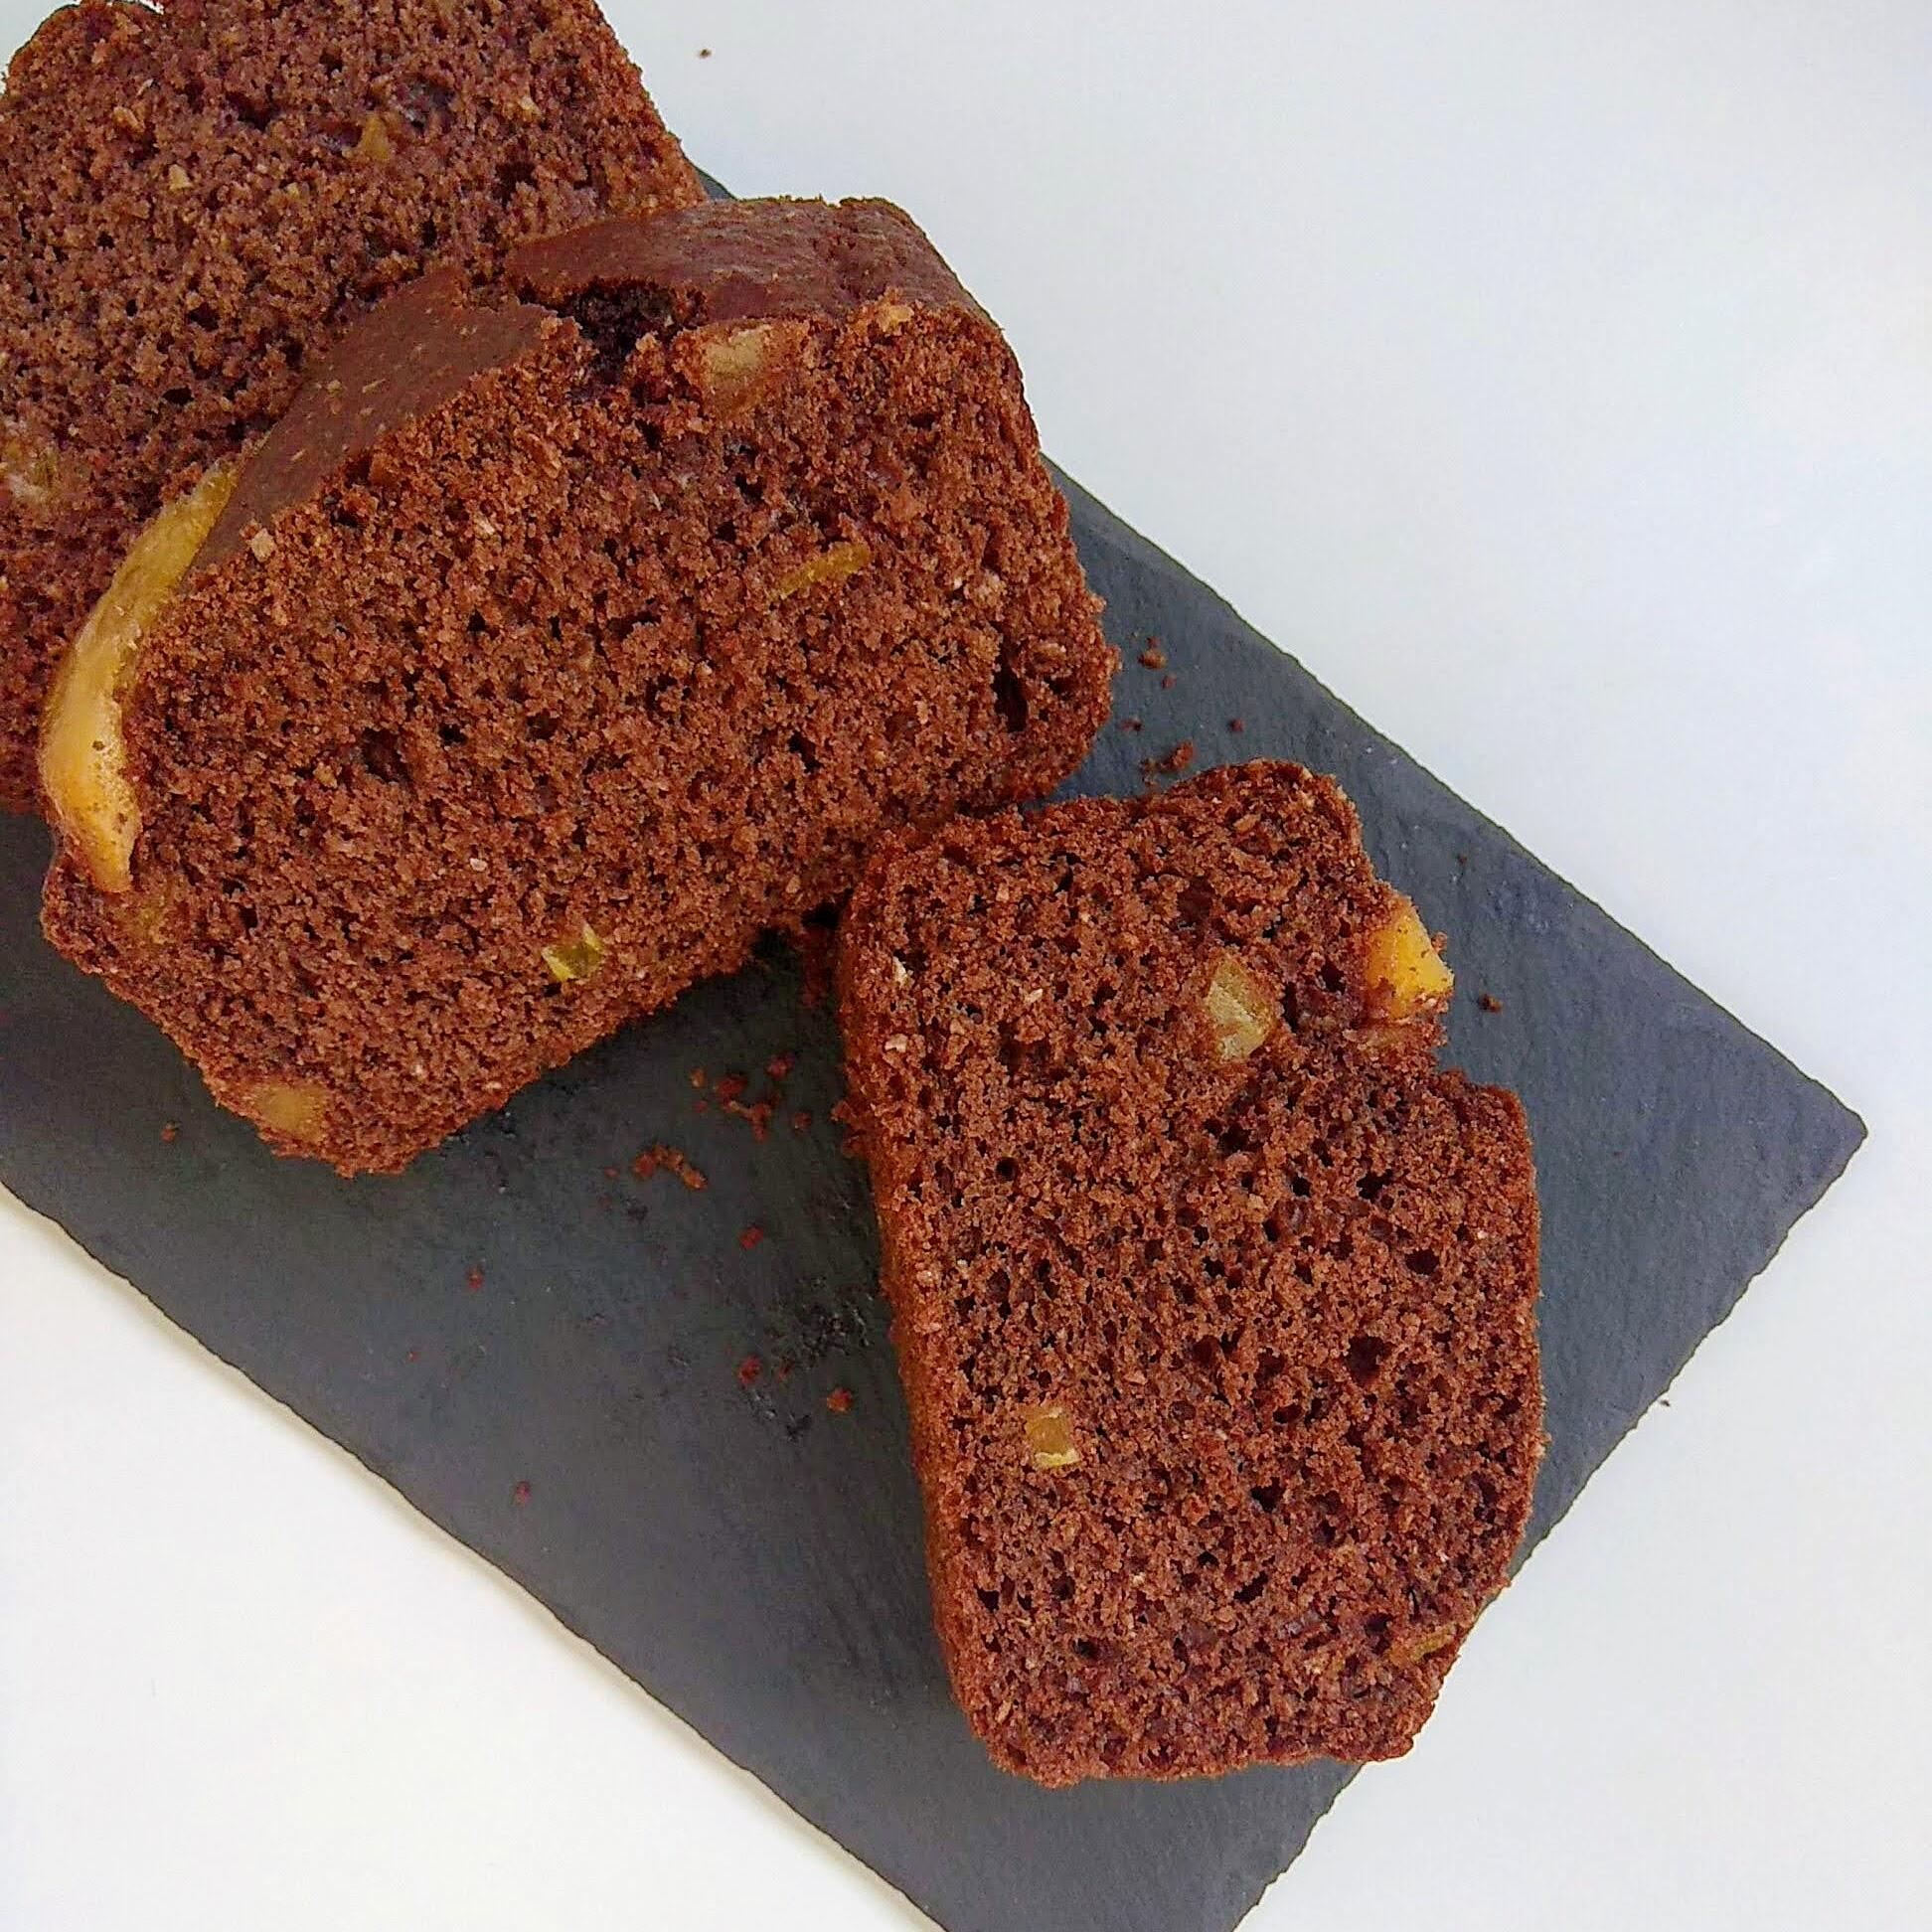 Receta fácil de Bizcocho de chocolate y naranja sin azúcar. Descúbrela en: www.cocinandoconlola.com